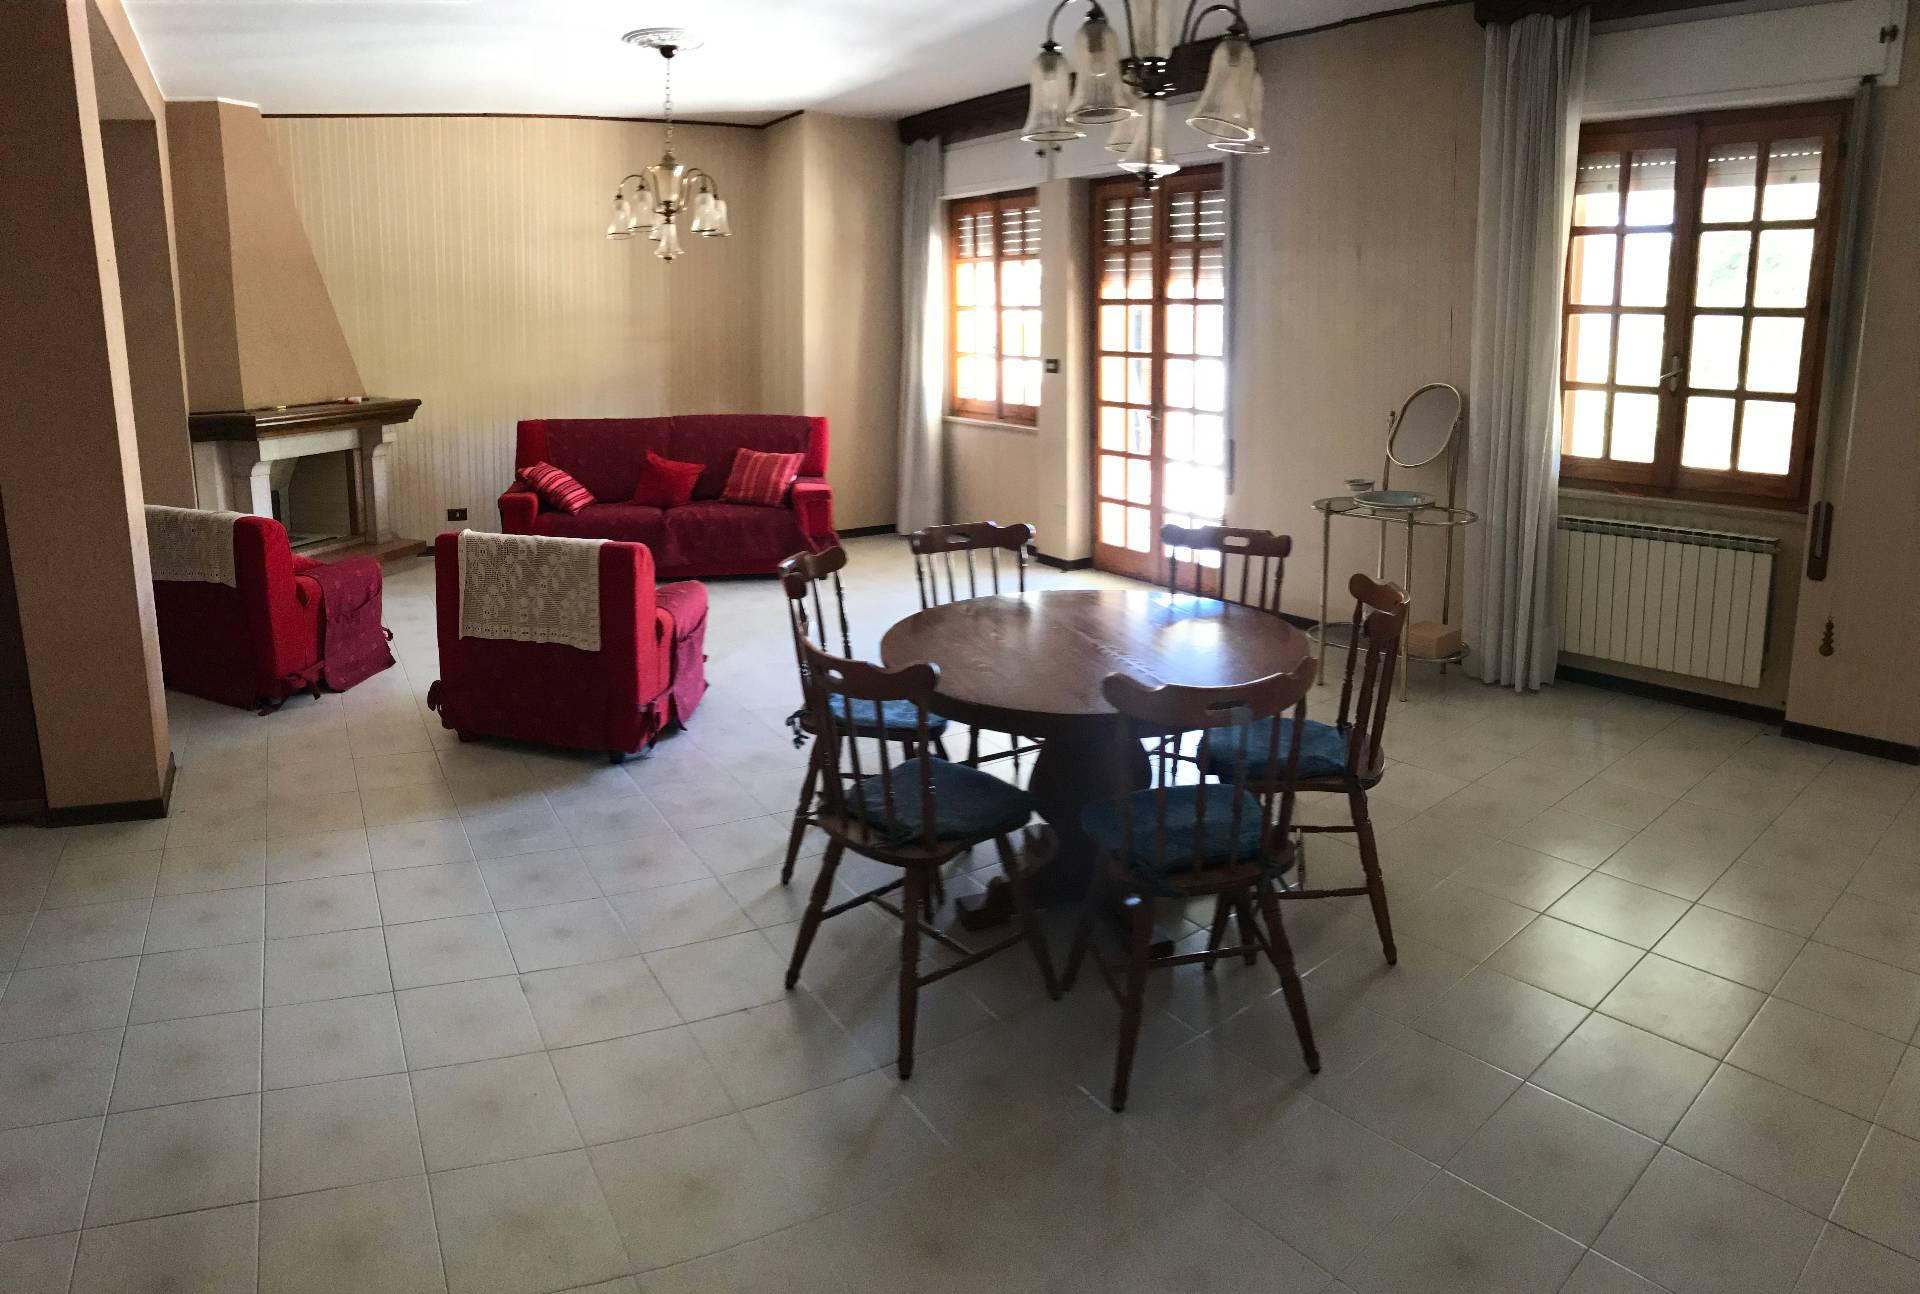 Appartamento in vendita a Tortolì, 3 locali, prezzo € 180.000 | CambioCasa.it